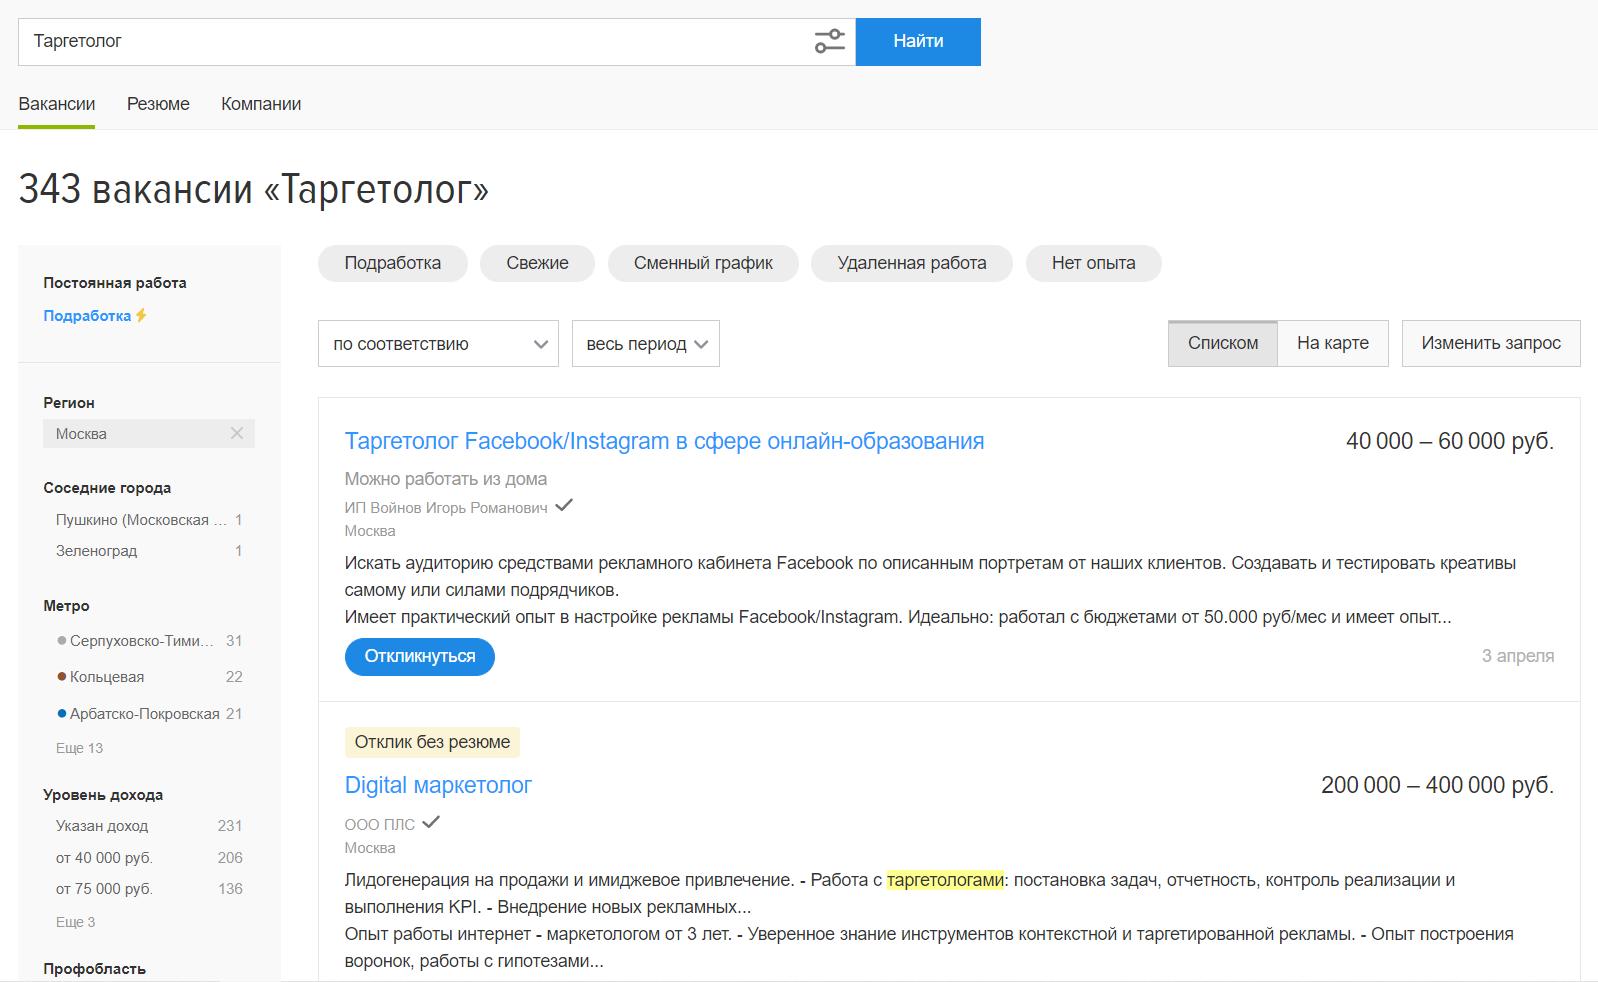 Вакансий для таргетологов в Москве еще больше, чем для SMM-специалистов